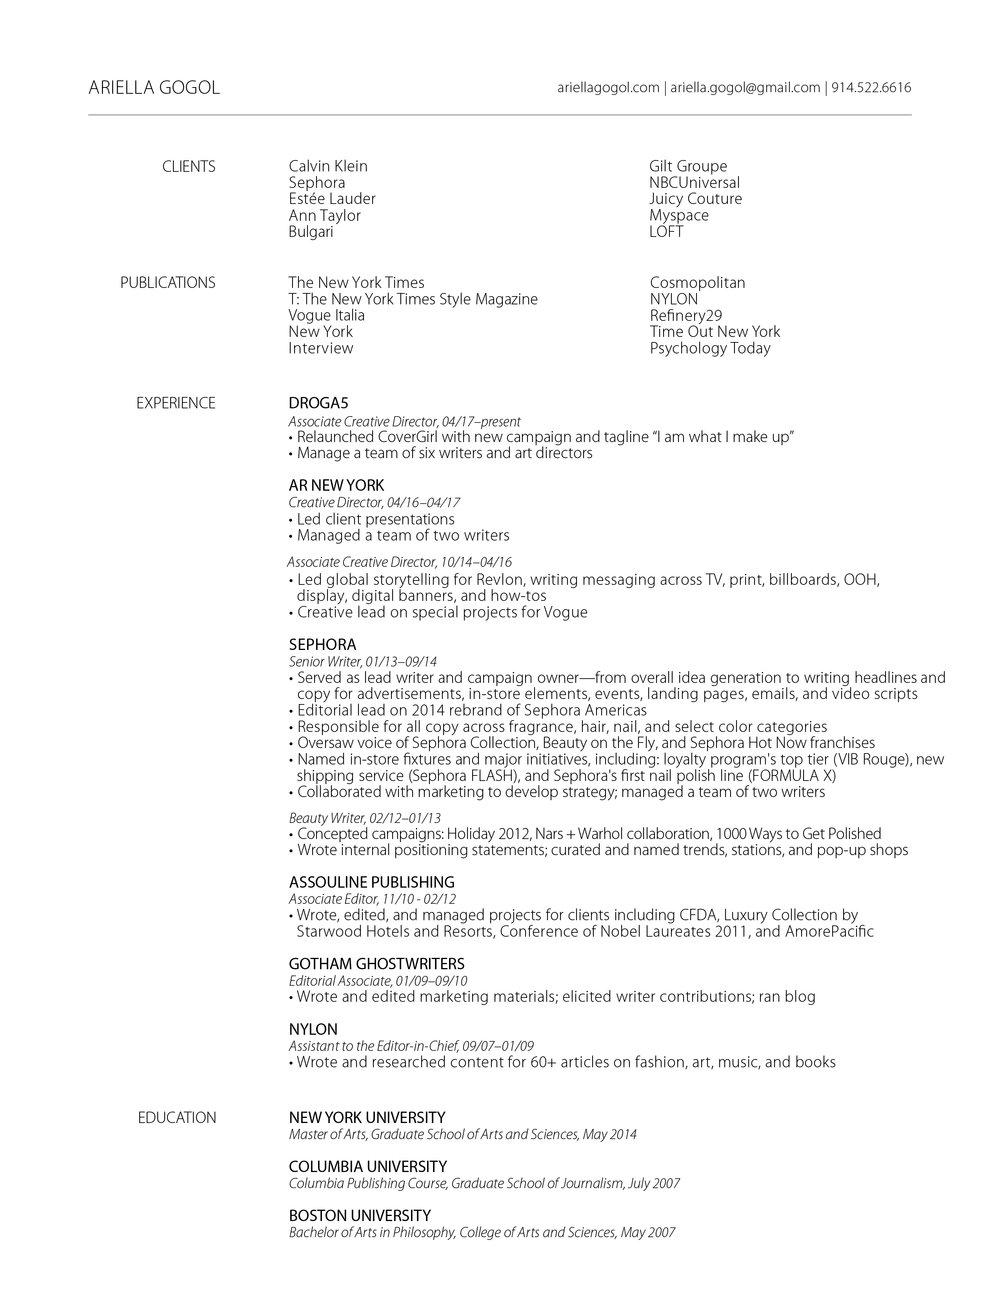 AriellaGogol_Resume.jpg